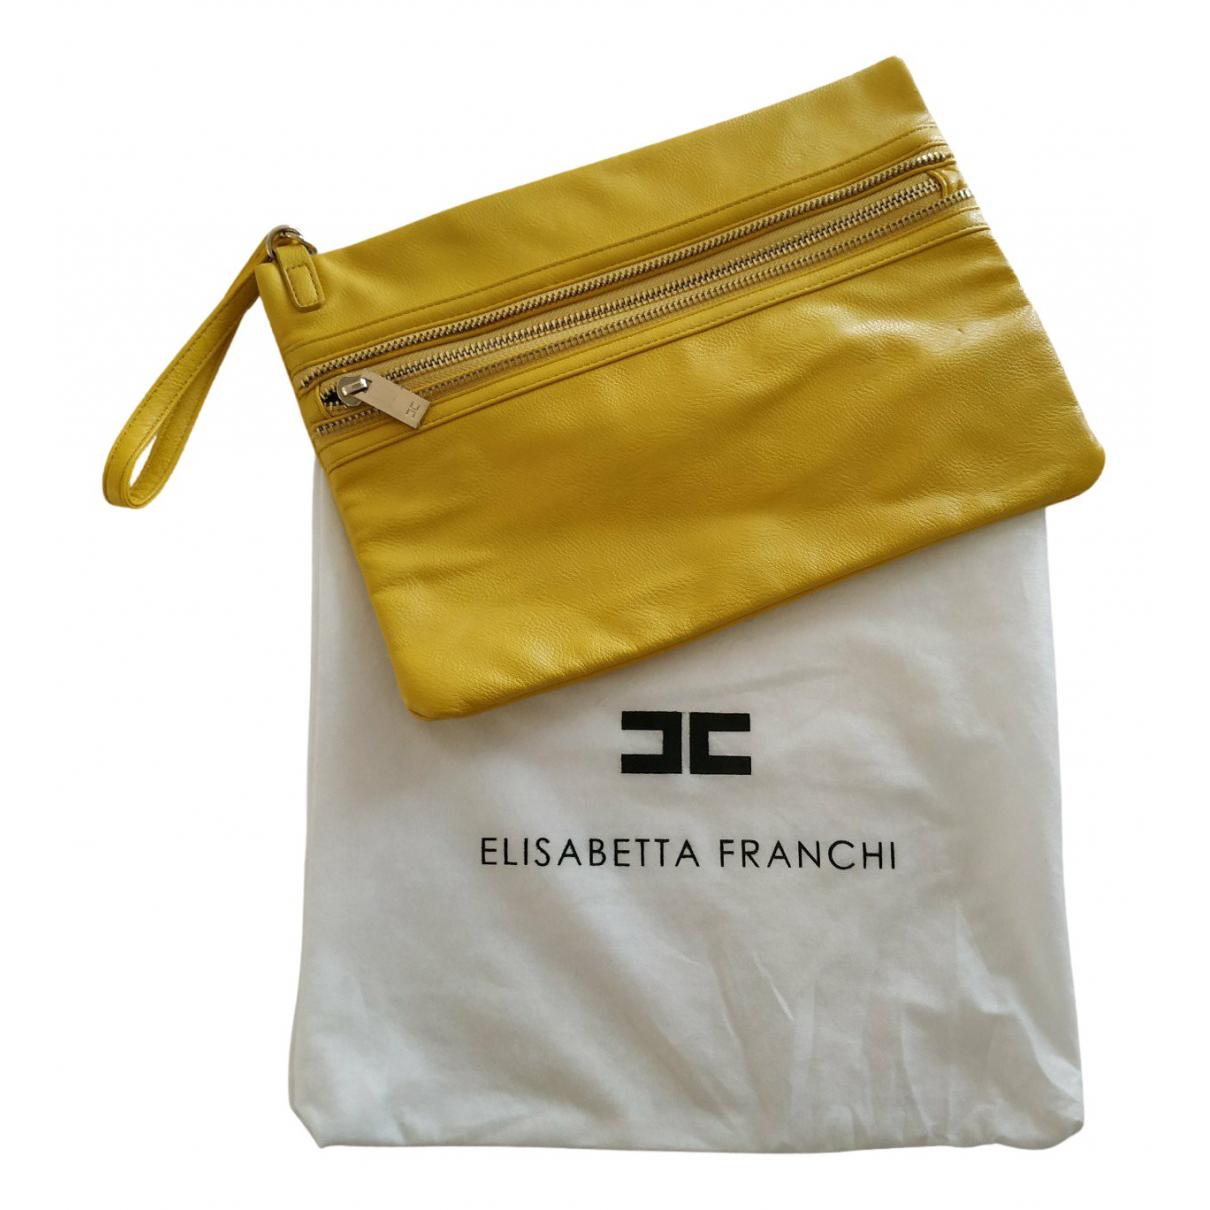 Bolsos clutch en Sintetico Amarillo Elisabetta Franchi